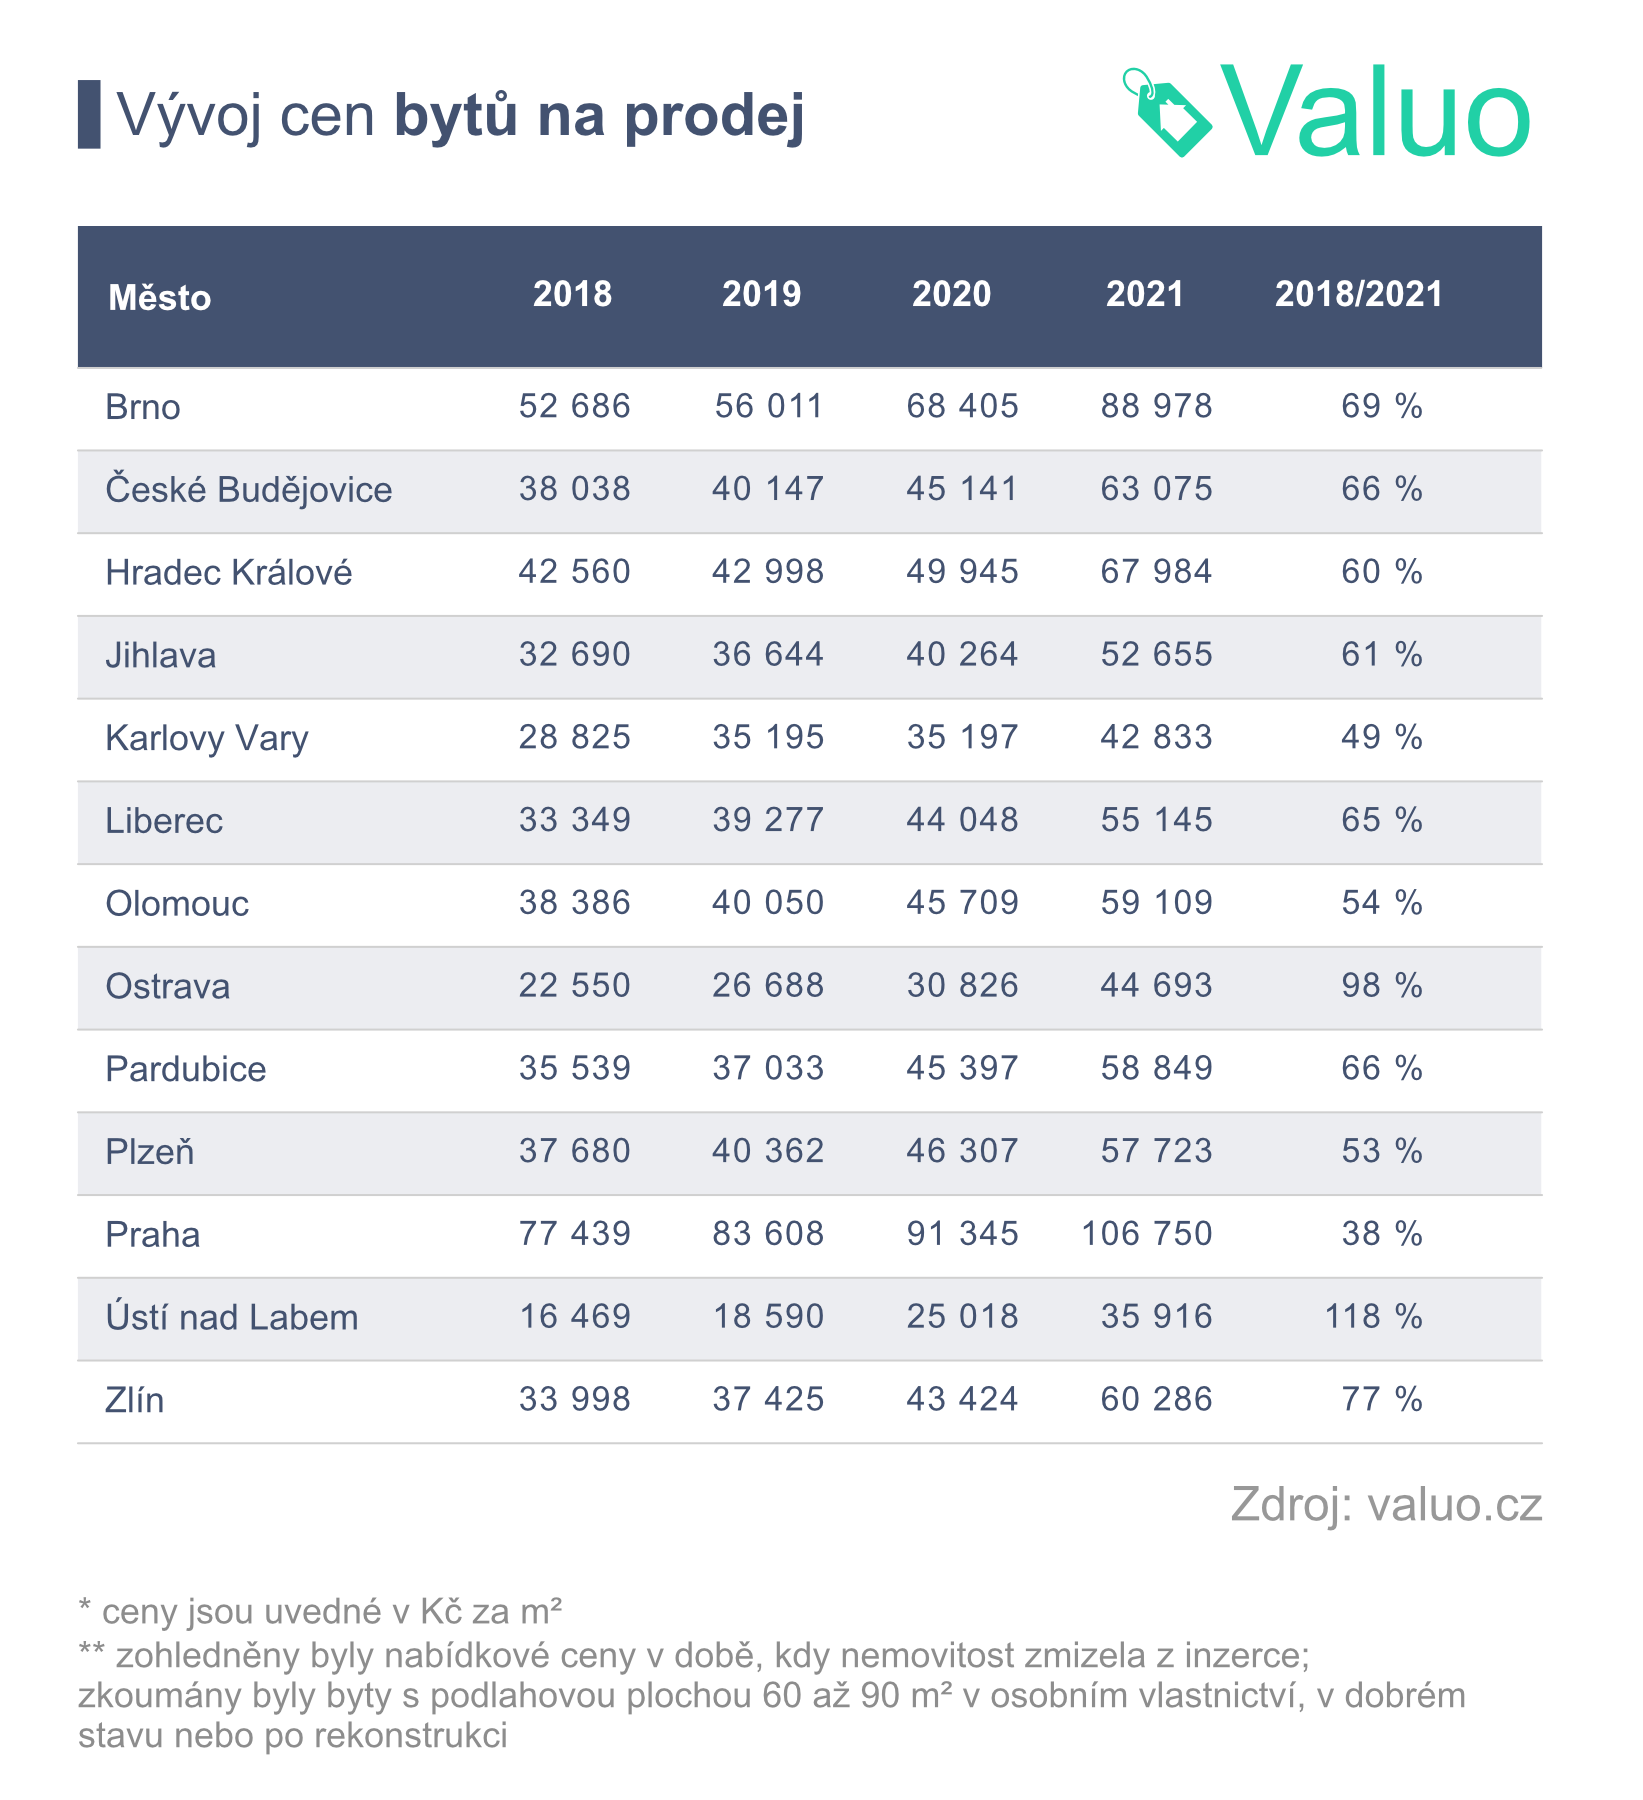 Vývoj cen bytů ve 13 krajích ČR v letech 2018-2021